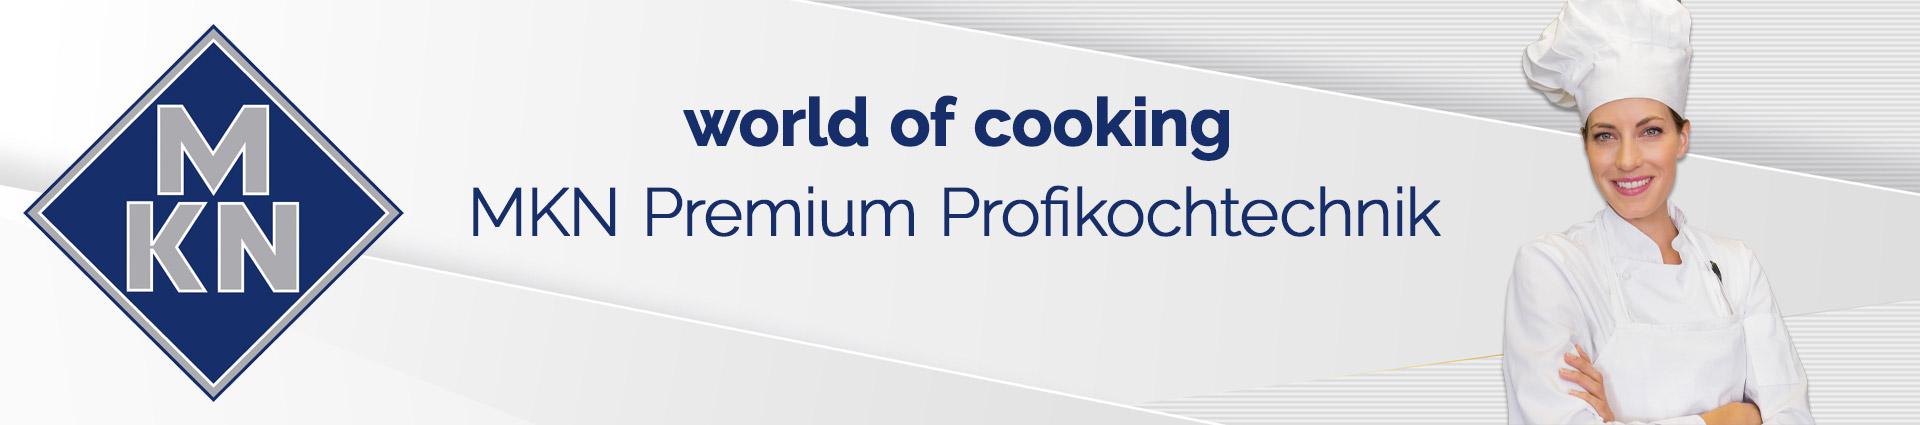 MKN Kochtechnik Banner